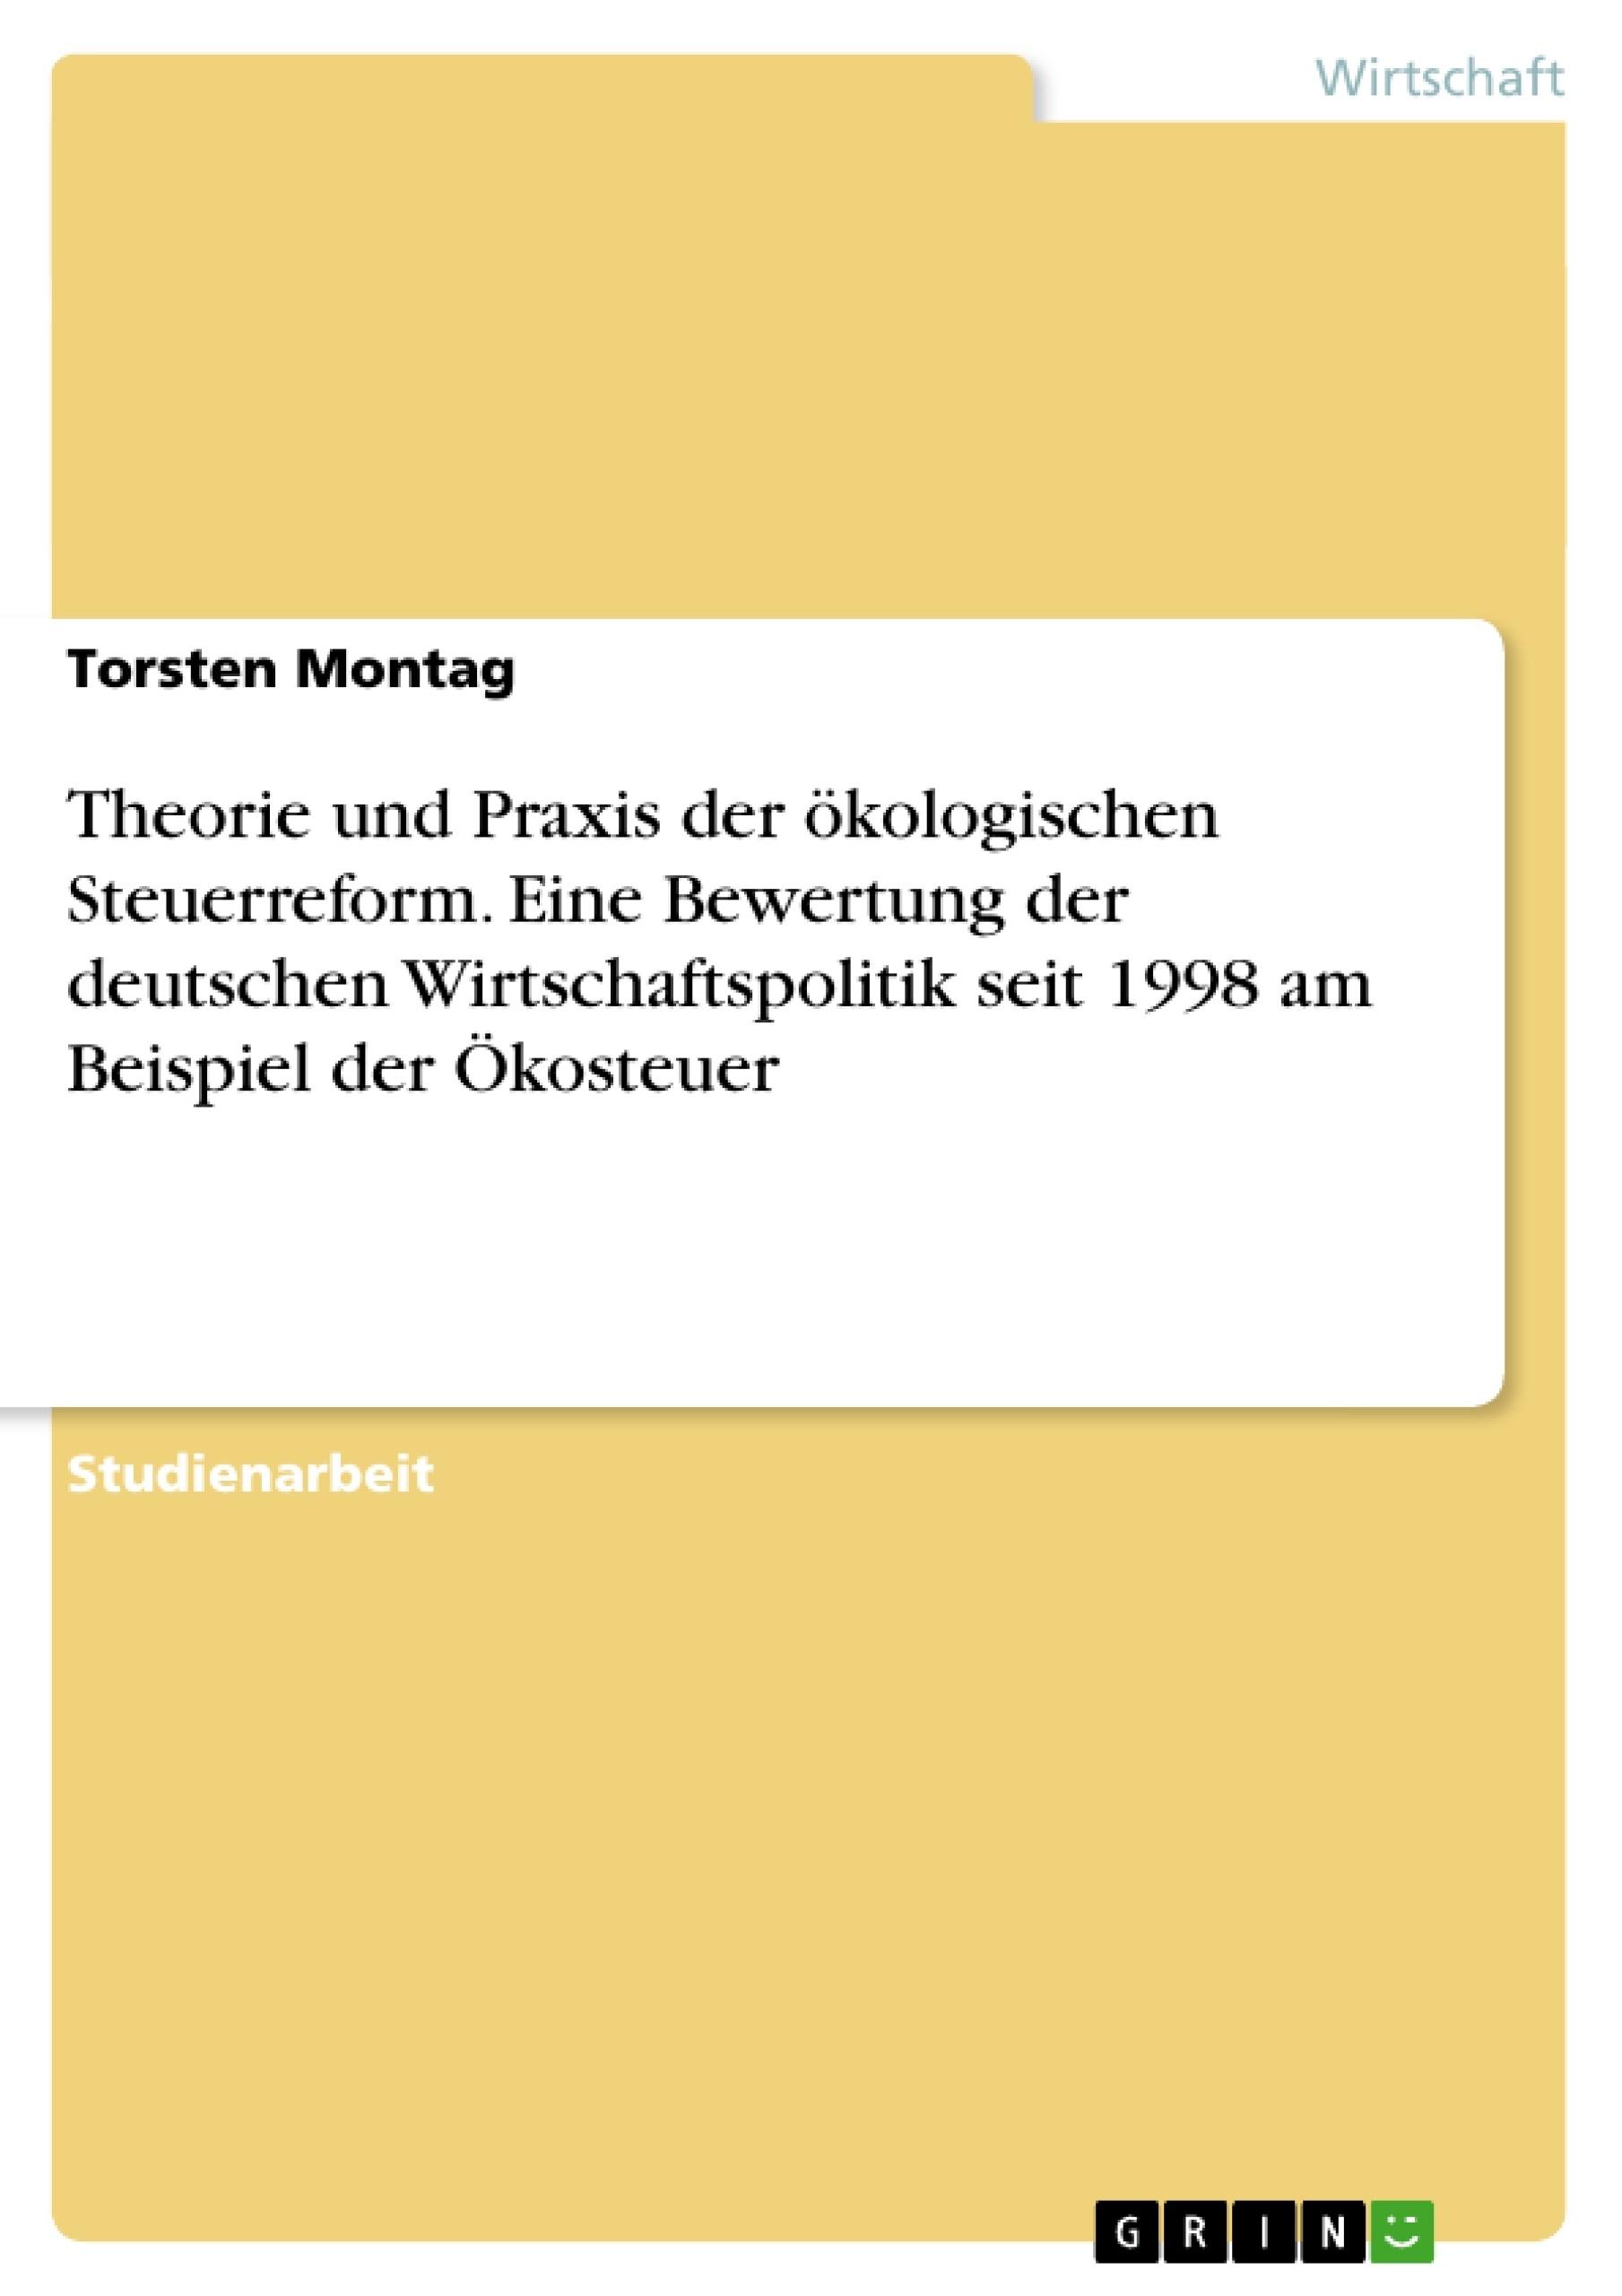 Titel: Theorie und Praxis der ökologischen Steuerreform. Eine Bewertung der deutschen Wirtschaftspolitik seit 1998 am Beispiel der Ökosteuer